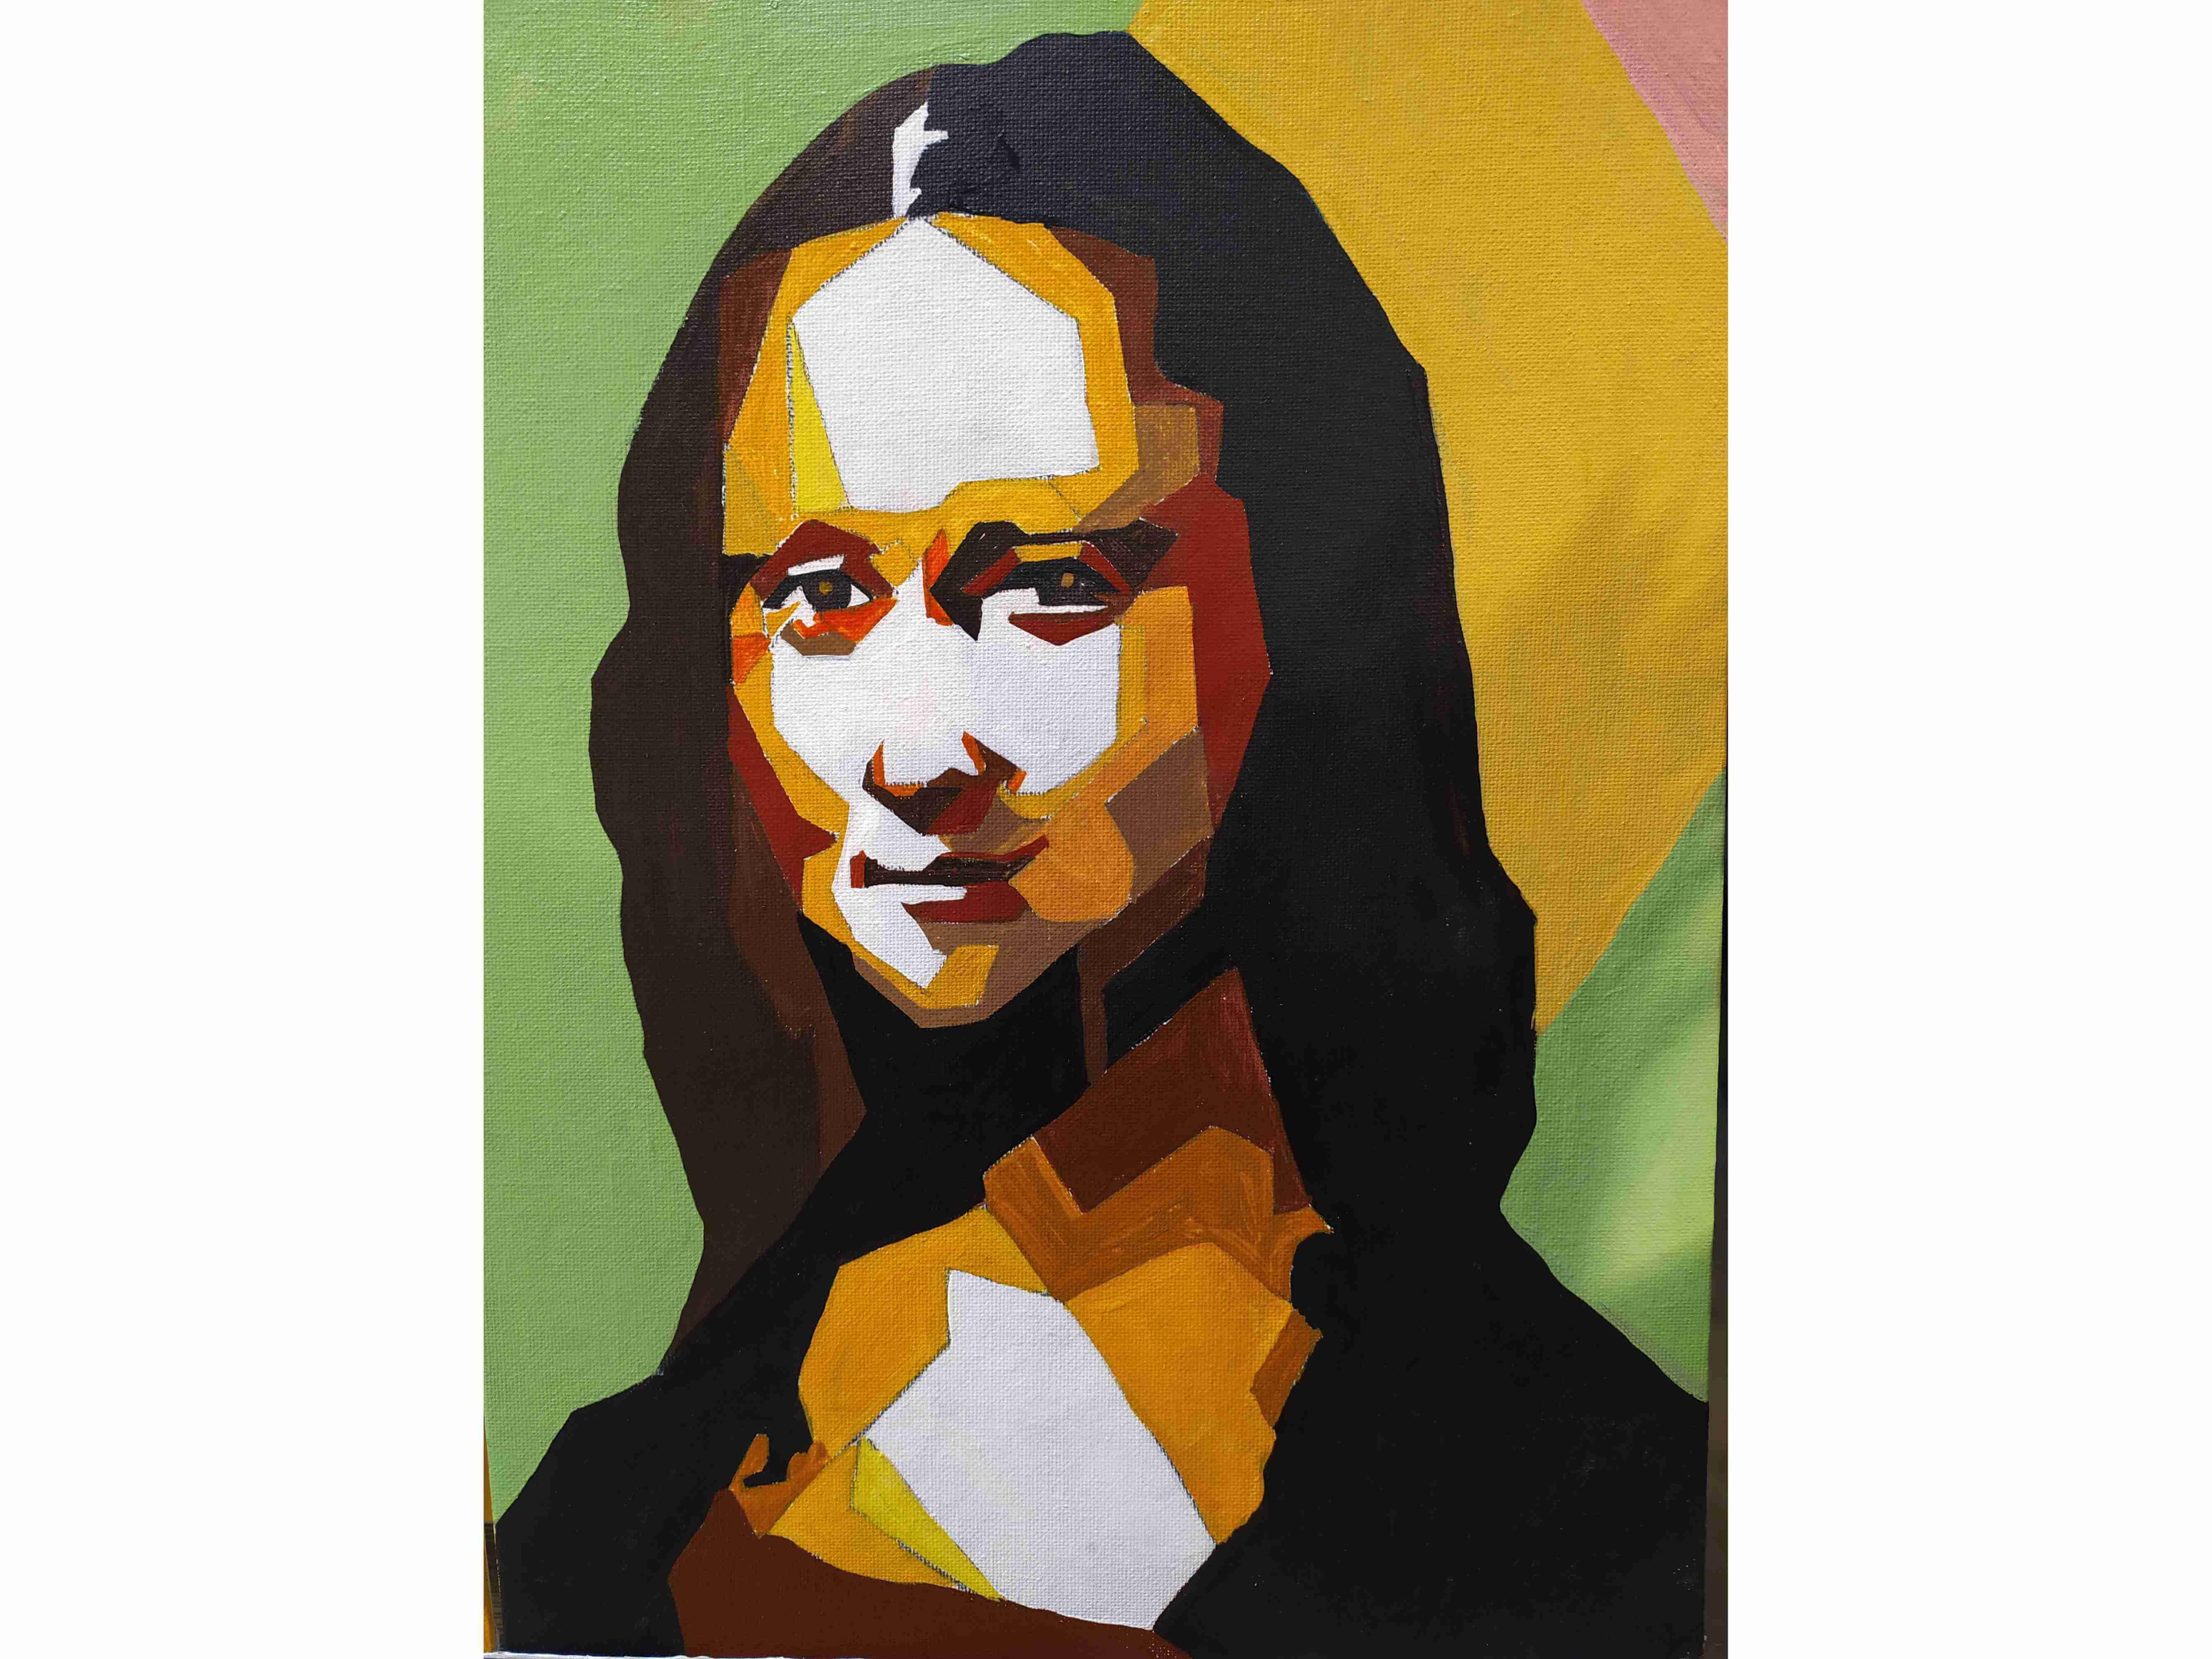 Вино, забавление и рисуване с акрил в поп арт стил на Мона Лиза, Джокондата 22.04.21 г.